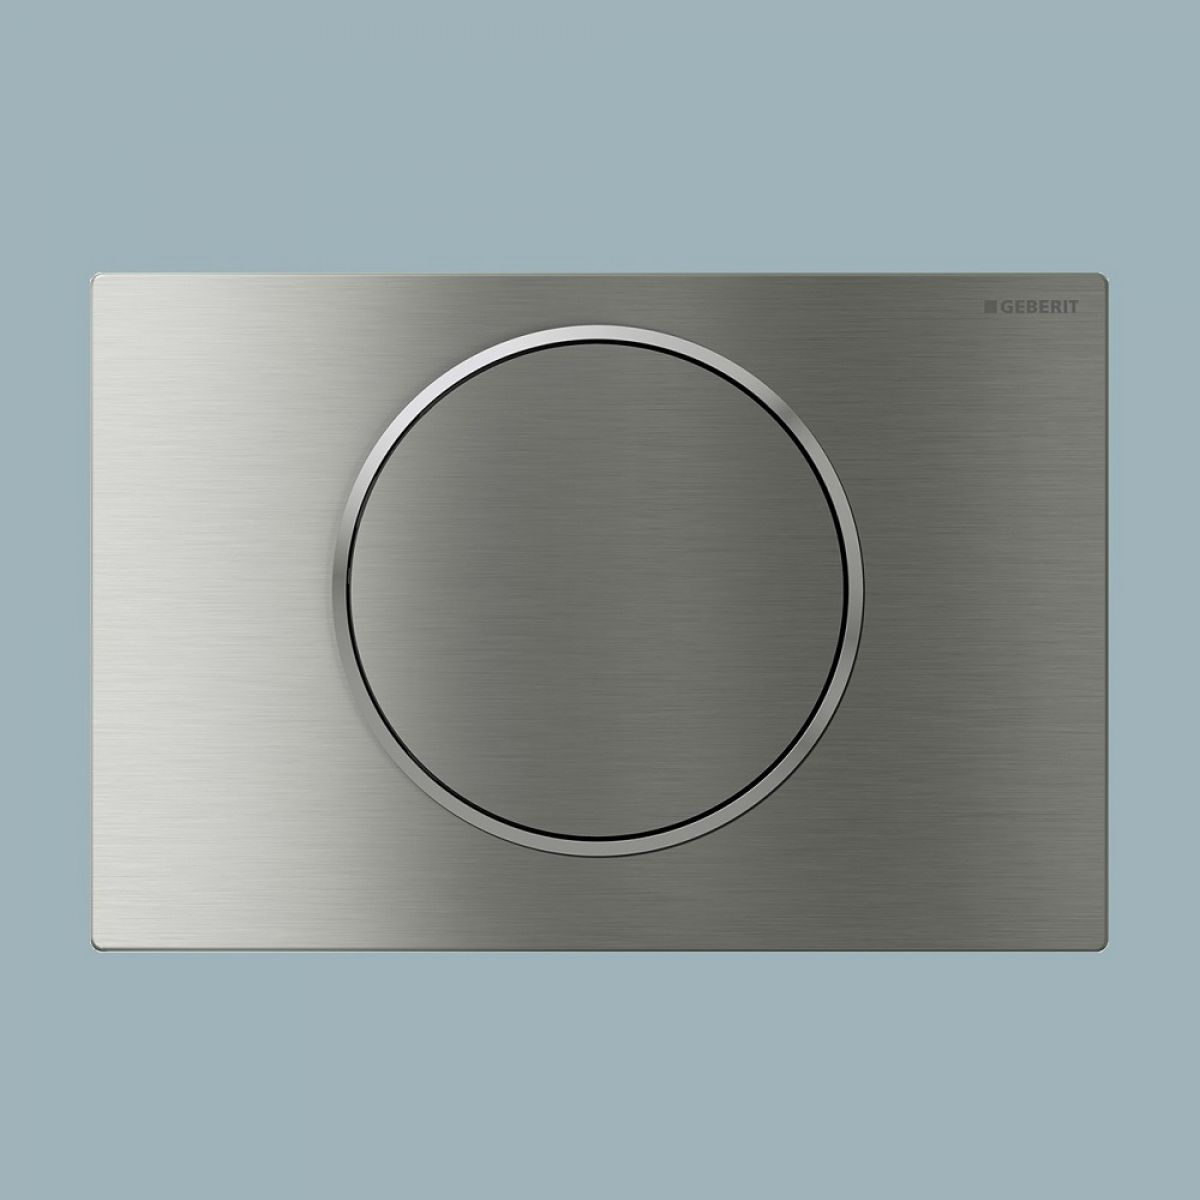 geberit sigma10 single flush plate uk bathrooms. Black Bedroom Furniture Sets. Home Design Ideas